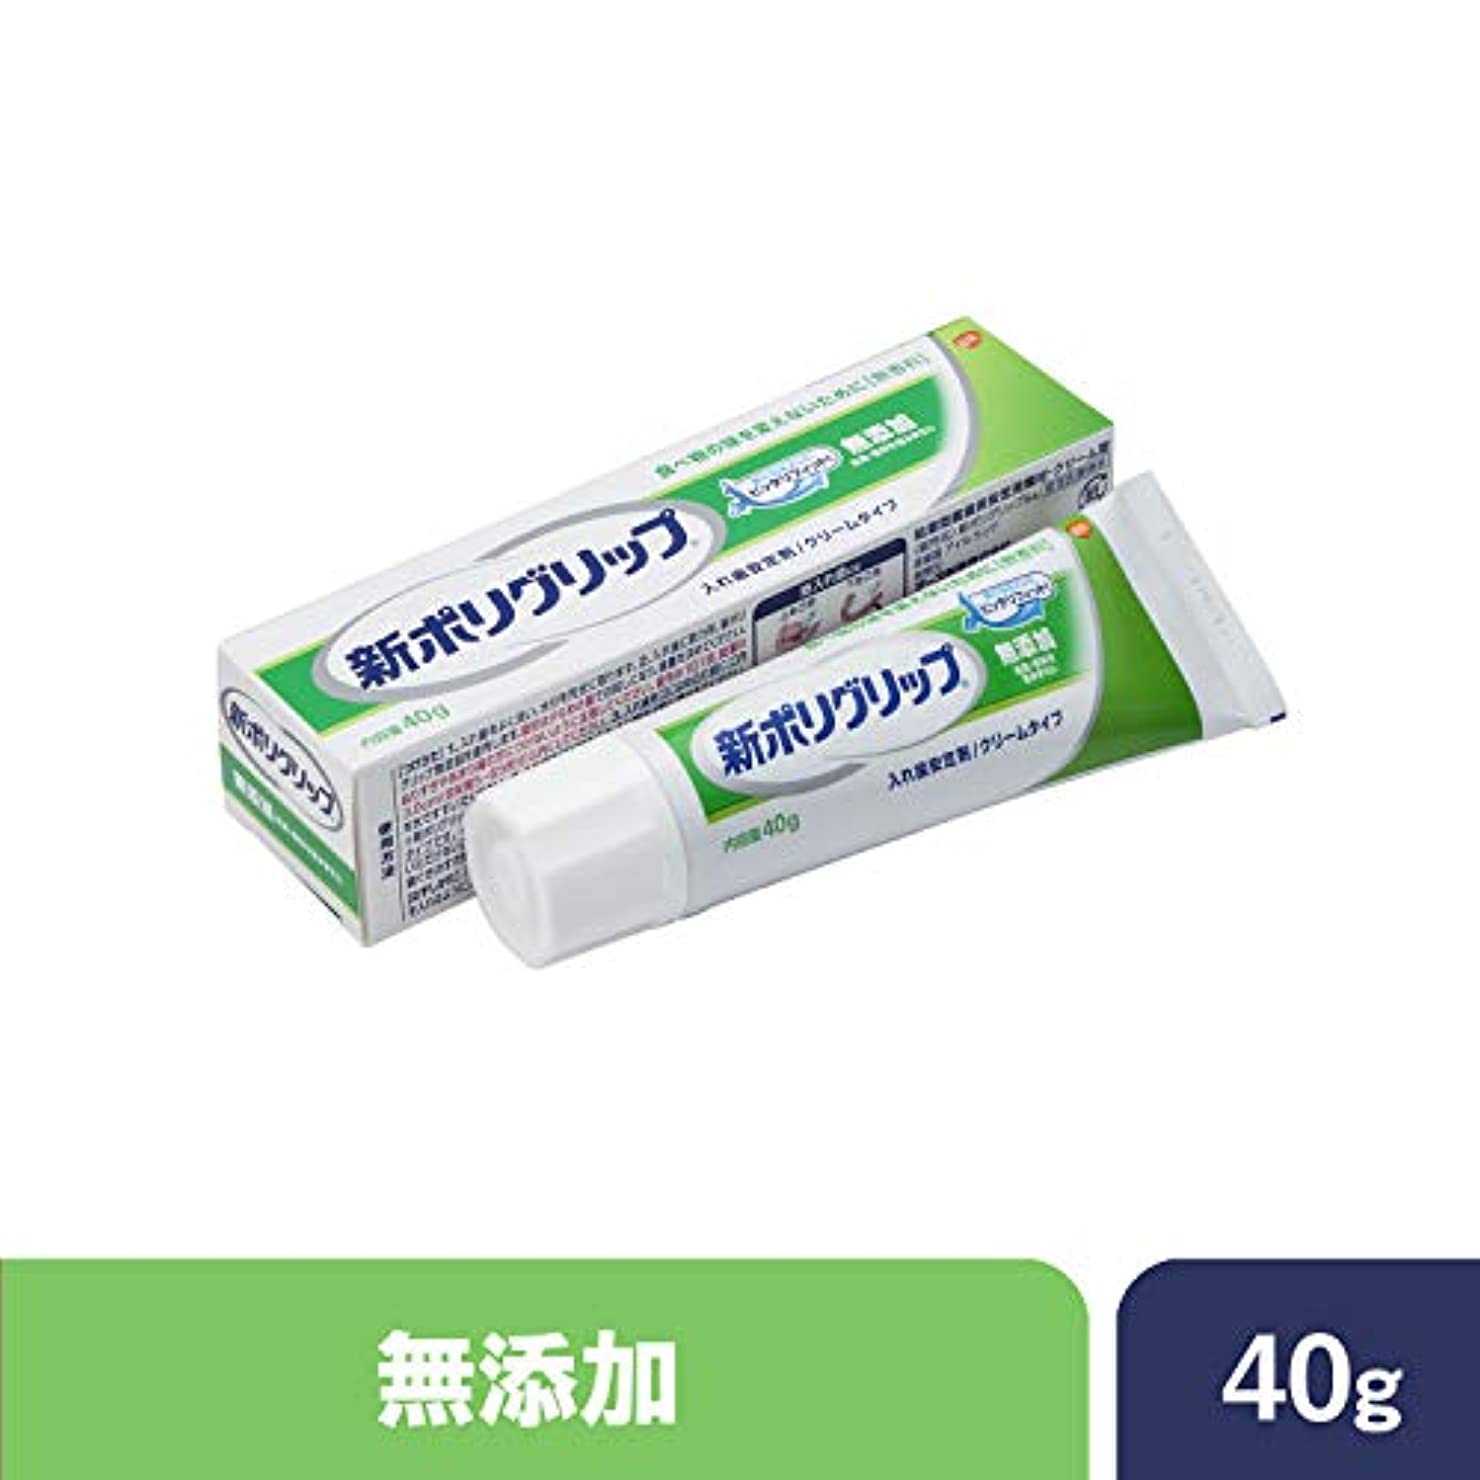 防止急行する死ぬ部分?総入れ歯安定剤 新ポリグリップ 無添加(色素?香料を含みません) 40g